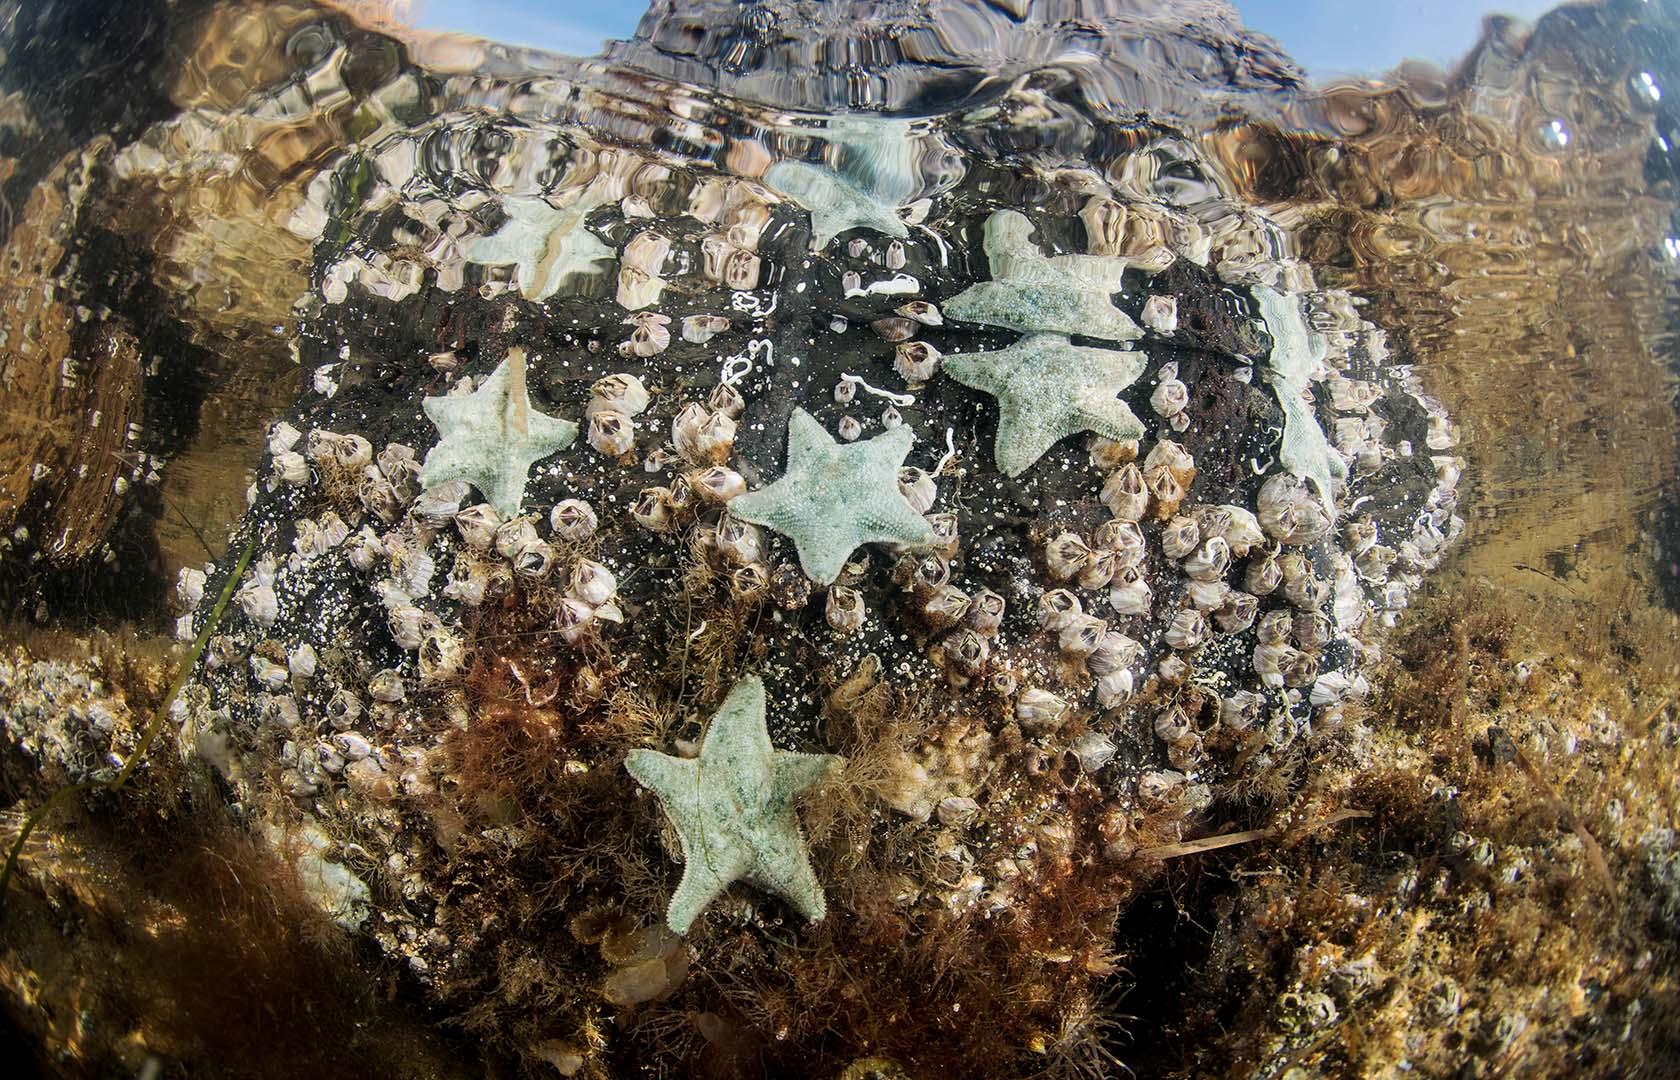 Grupo de Asterina gibbosa en aguas poco profundas del mar Menor.